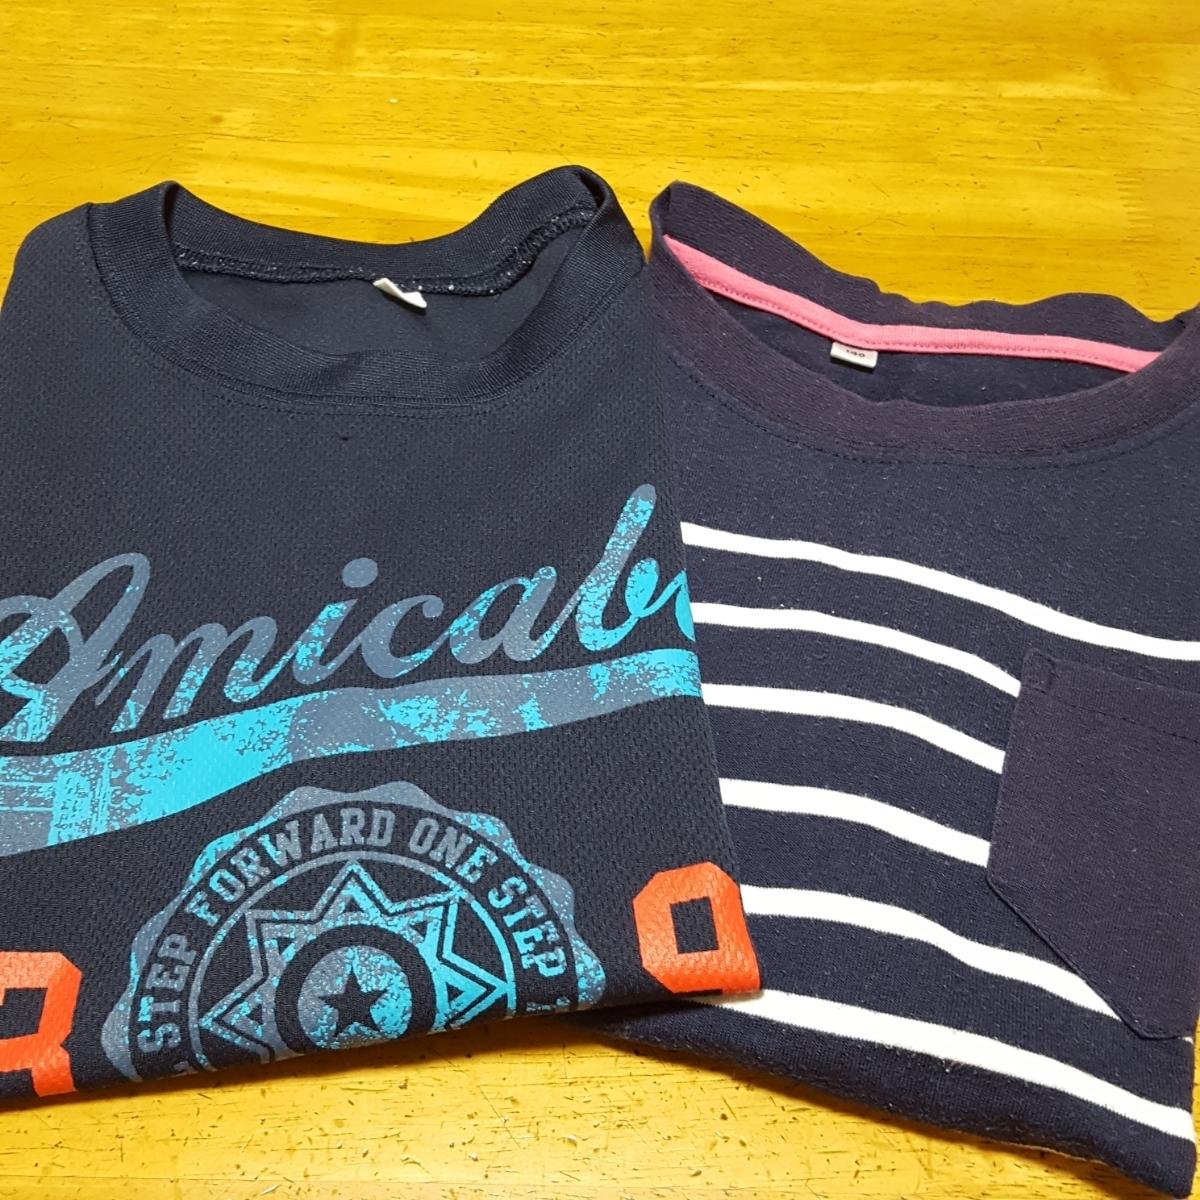 おまけつき 紺色Tシャツ 速乾 サイズ 140 中古 ボーダーTシャツ付き_画像5